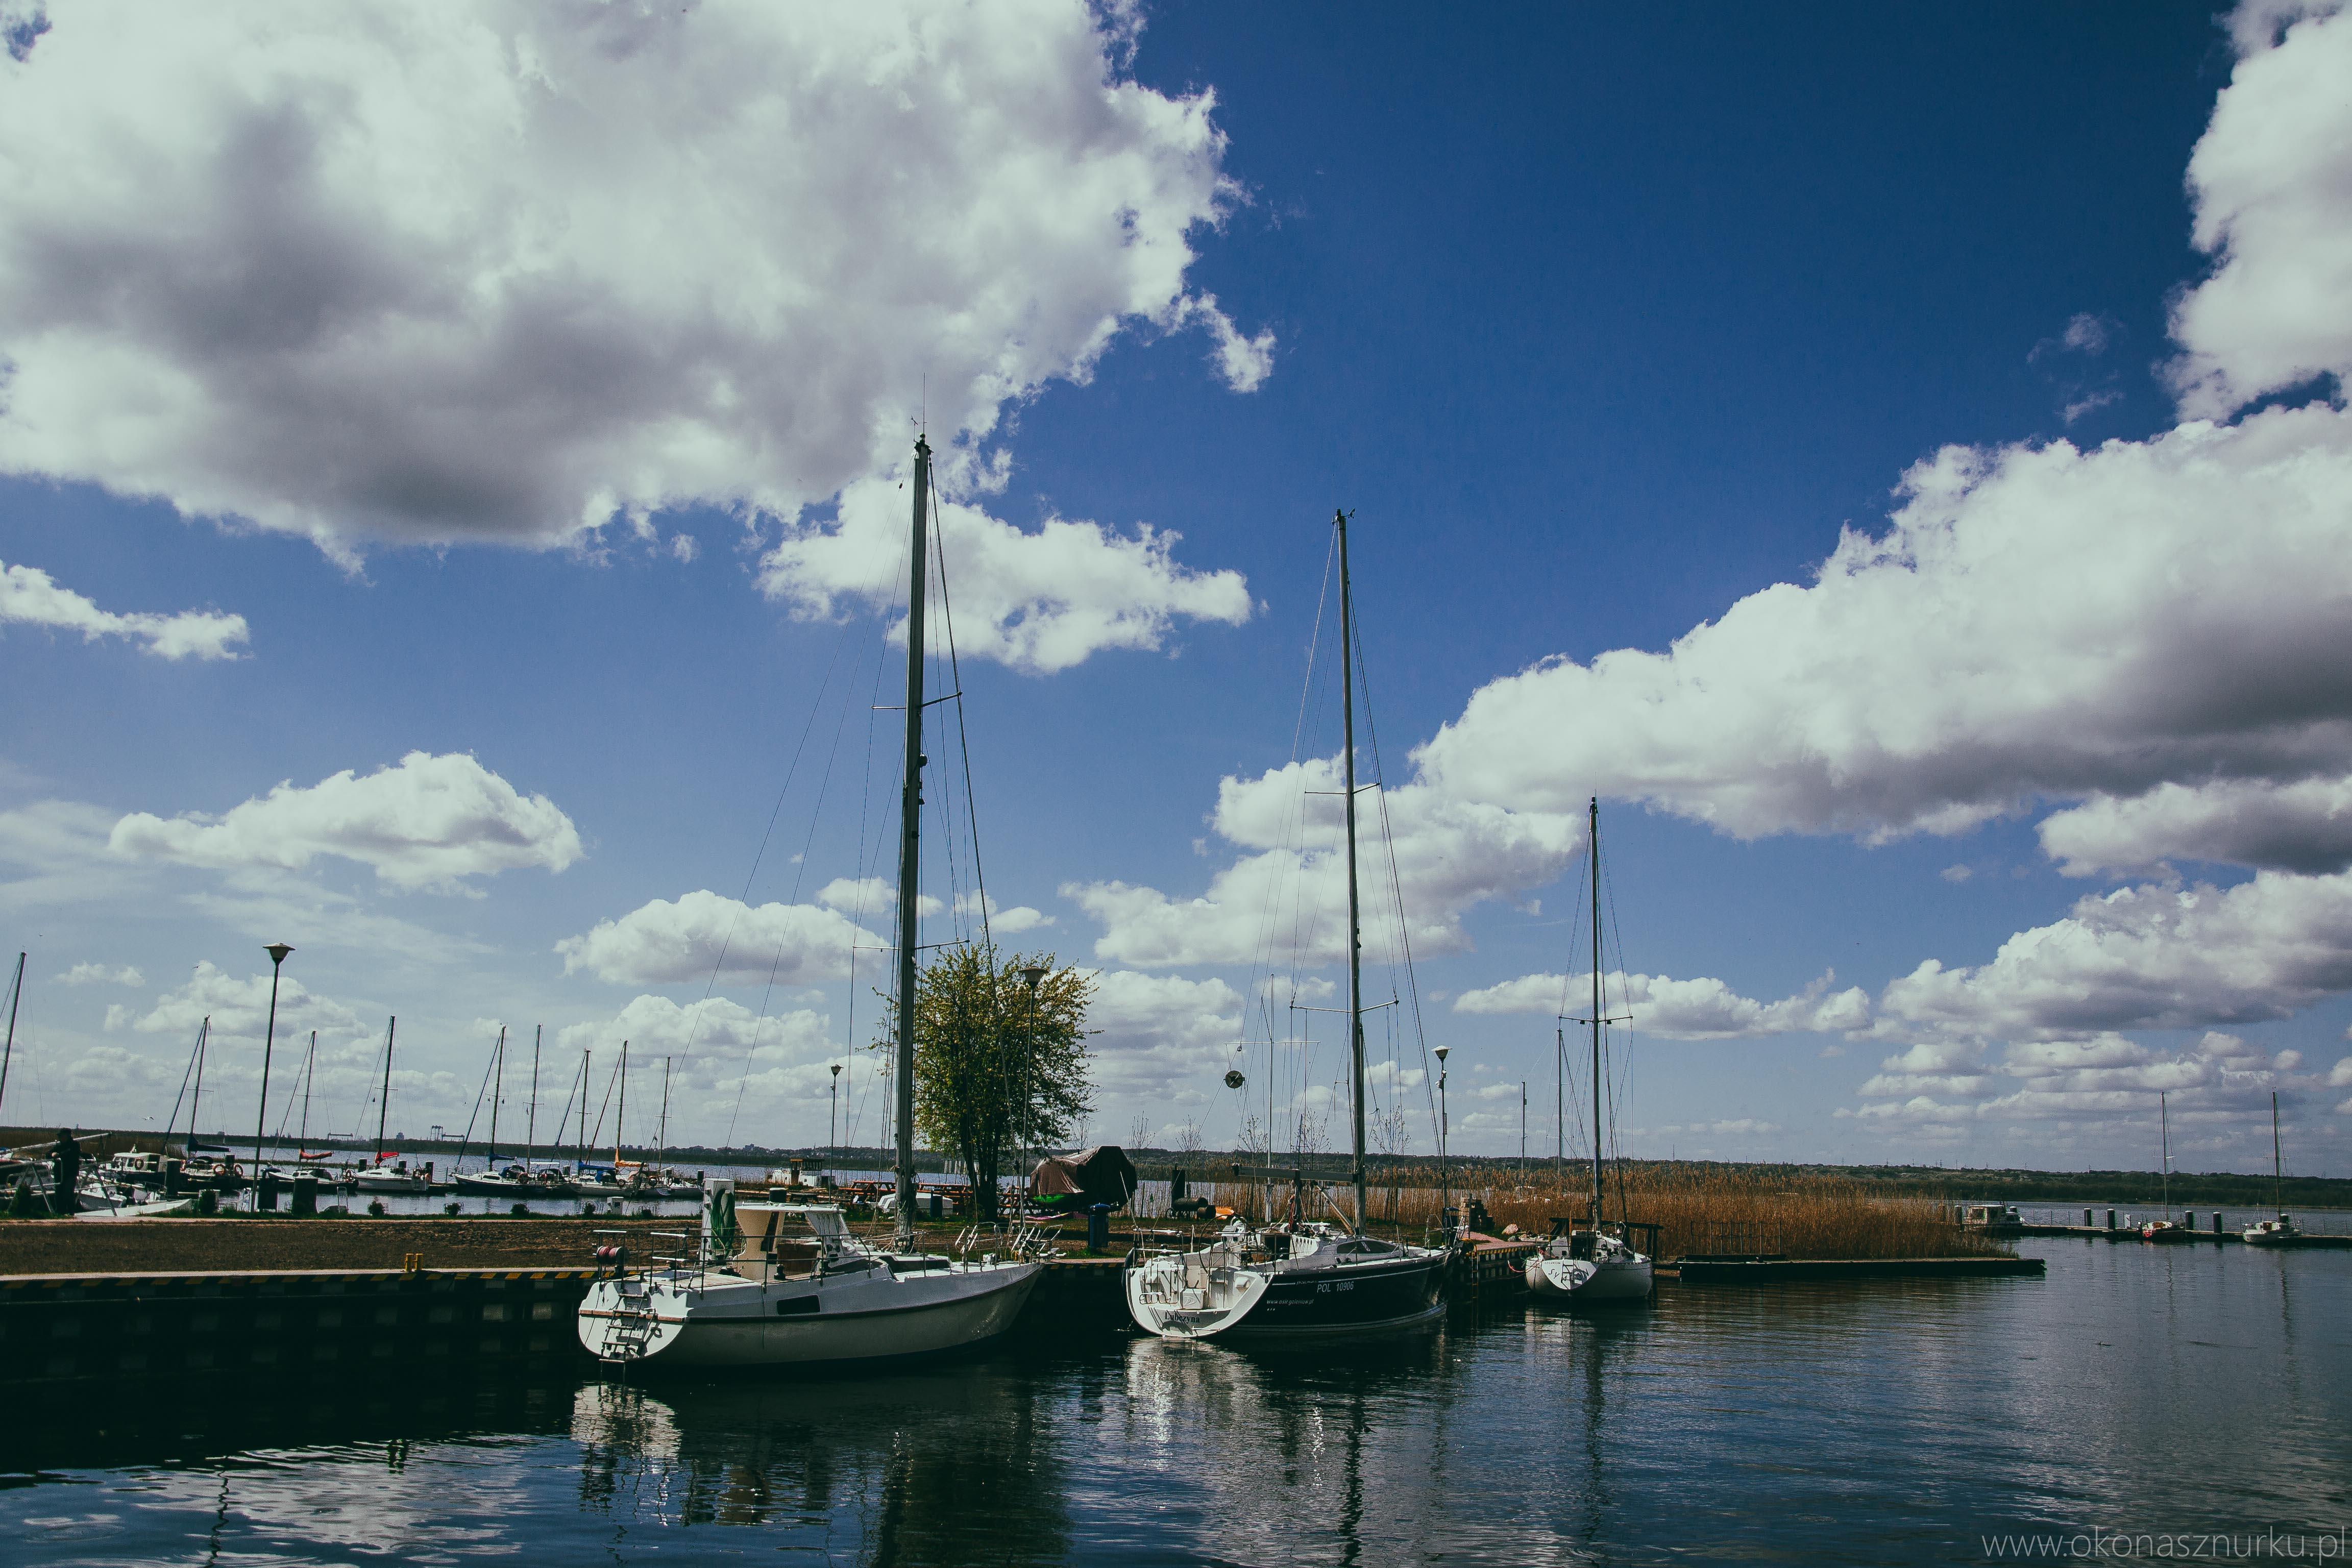 marina-jacht-wyprawy-morskie-silesia-szczecin-goclaw-lubczyna (65)